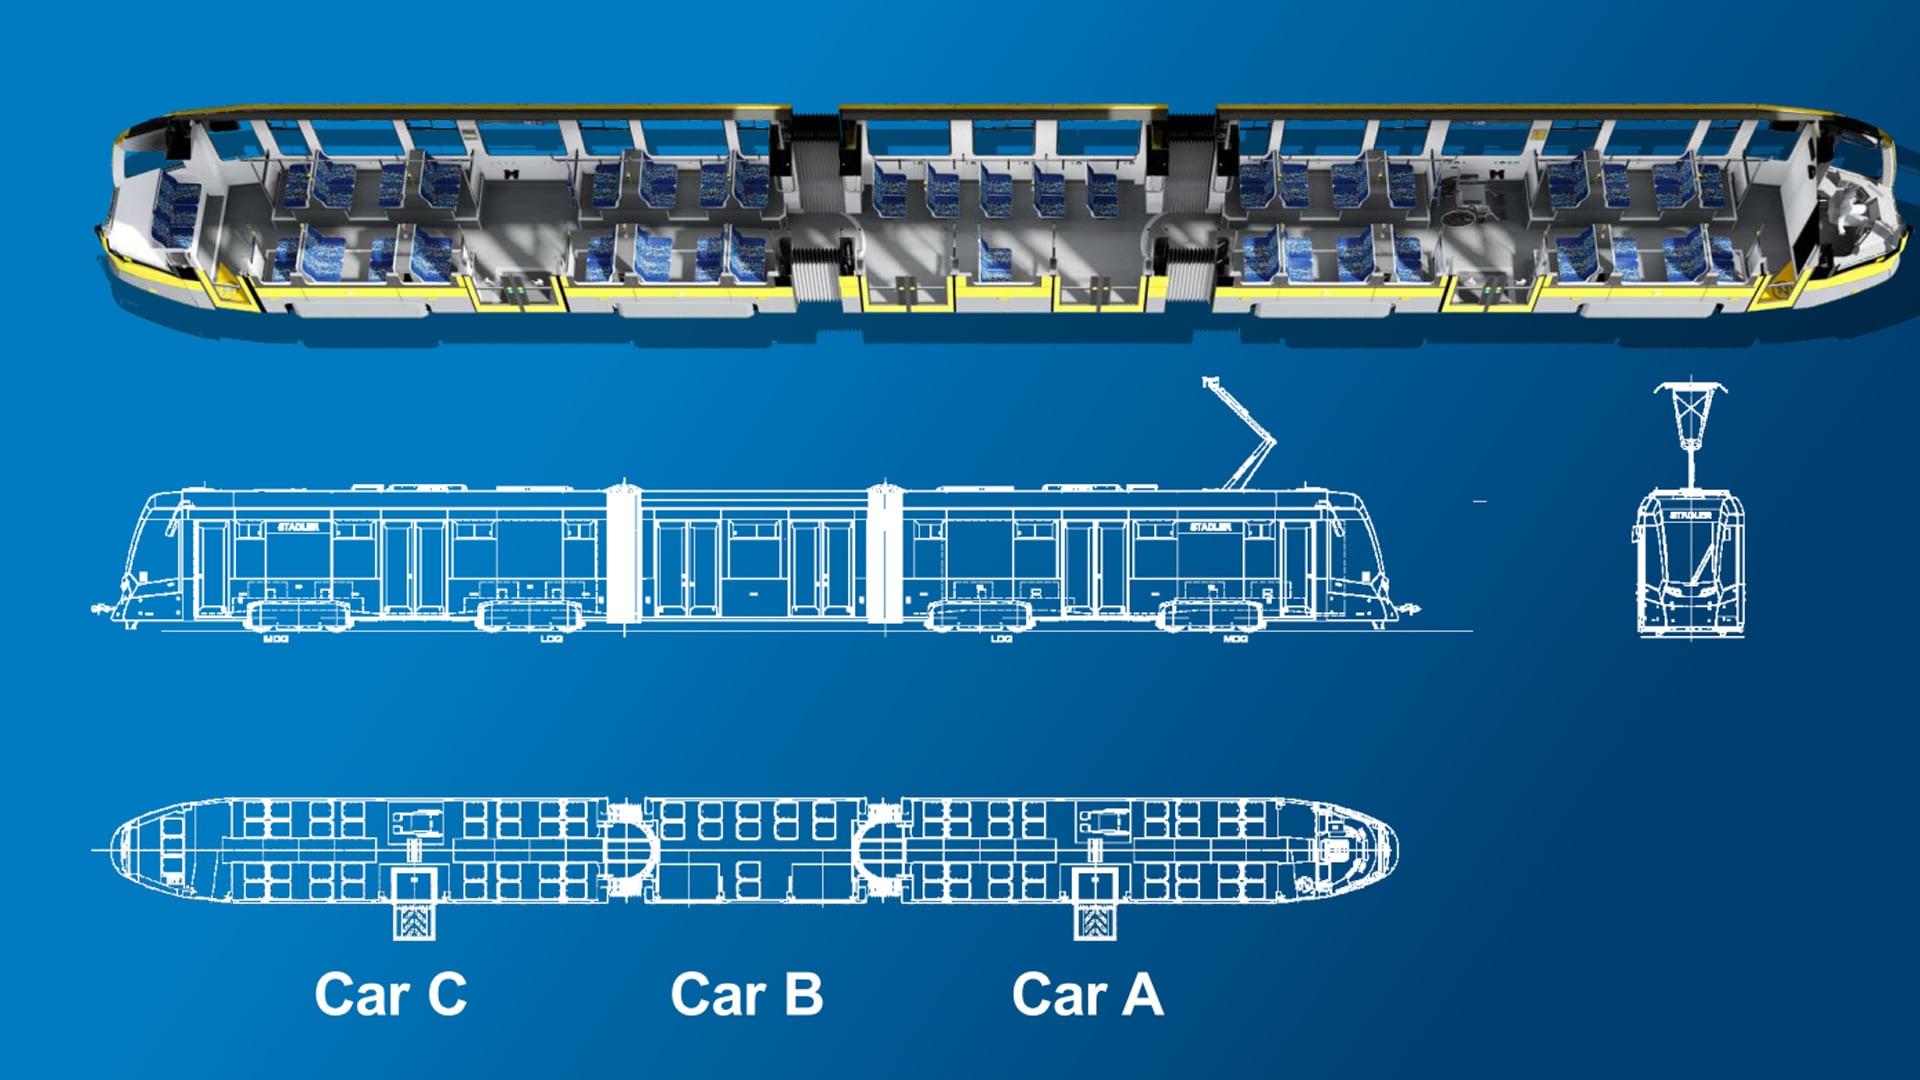 Sarajevo dobija 15 modernih niskopodnih Stadler tramvaja: Evo kako će izgledati